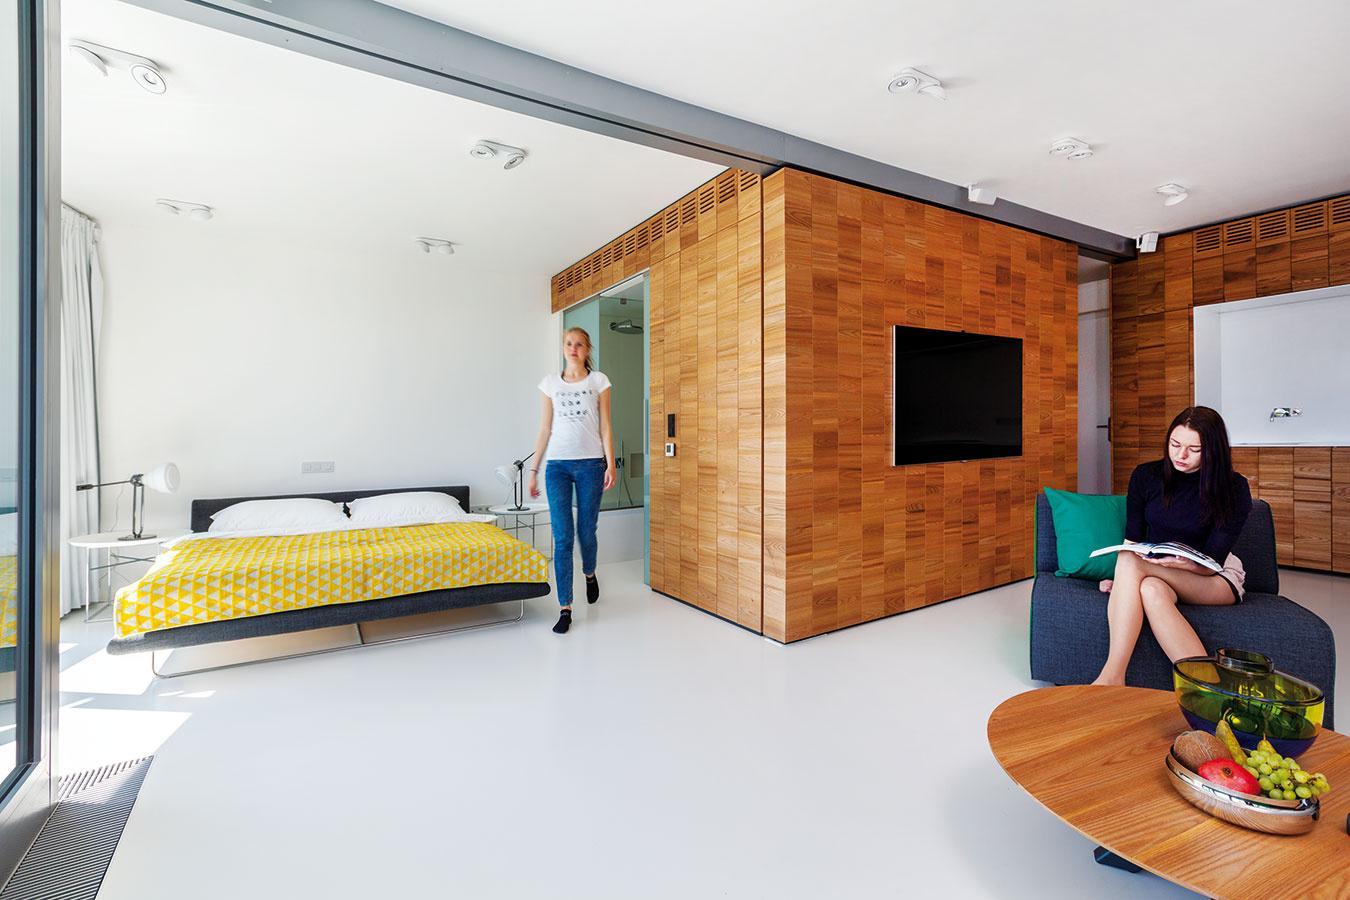 Stena vpohybe. Priechod zobývačky do spálne sa dá uzavrieť posuvnou drevenou stenou, ktorá má tri polohy – otvorenú, zatvorenú astrednú s priechodom všírke bežných dverí. Pri úplnom otvorení sa nočná zóna spojí sdennou avznikne pôsobivý obytný priestor srozlohou 60 m2.